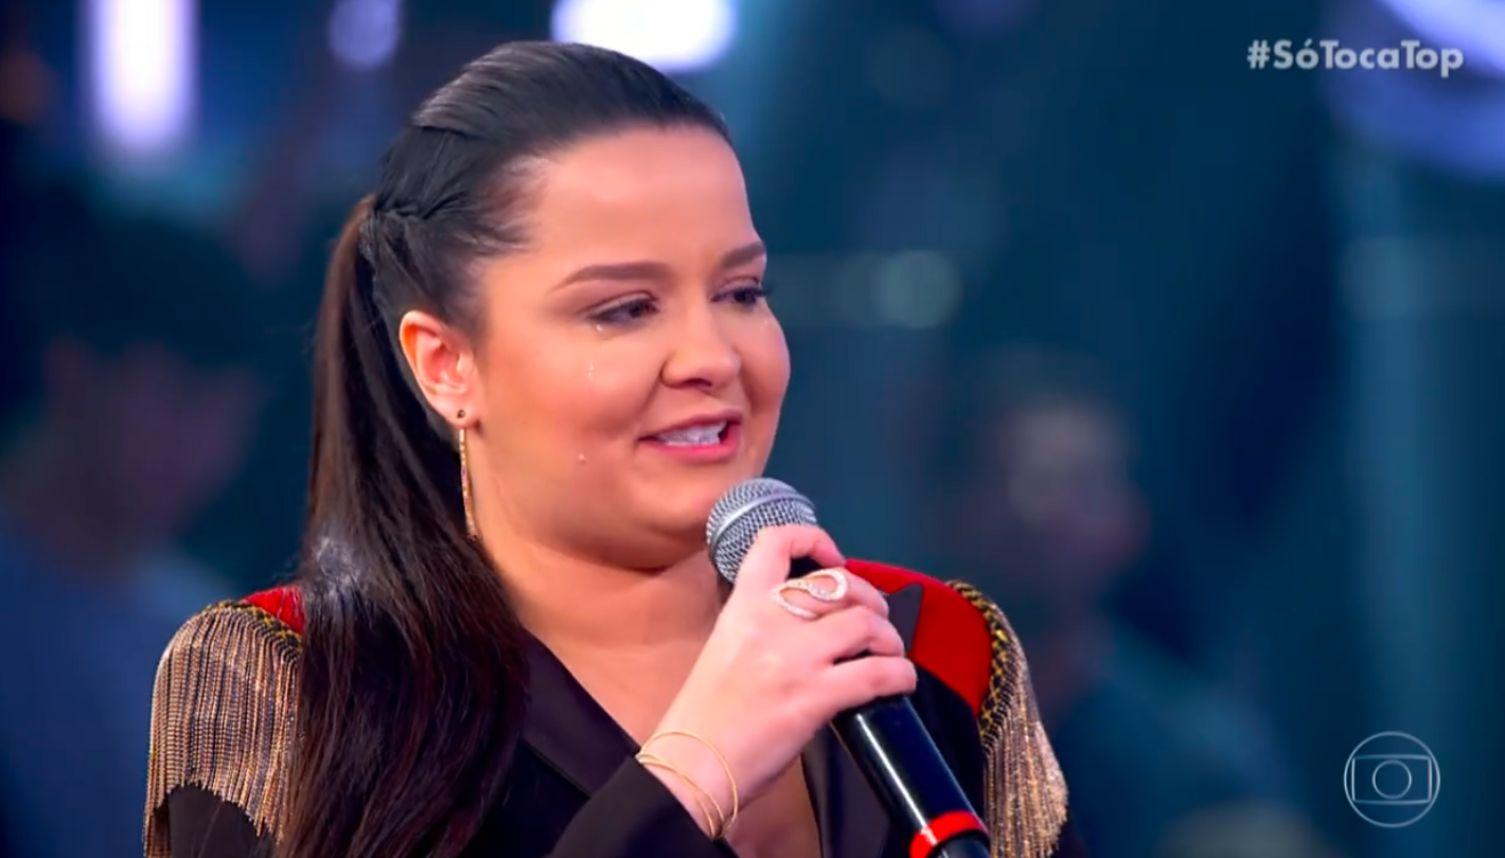 GABRIELA ROCHA NOS PLANOS MUSICA DEUS BAIXAR DE CREIO EU